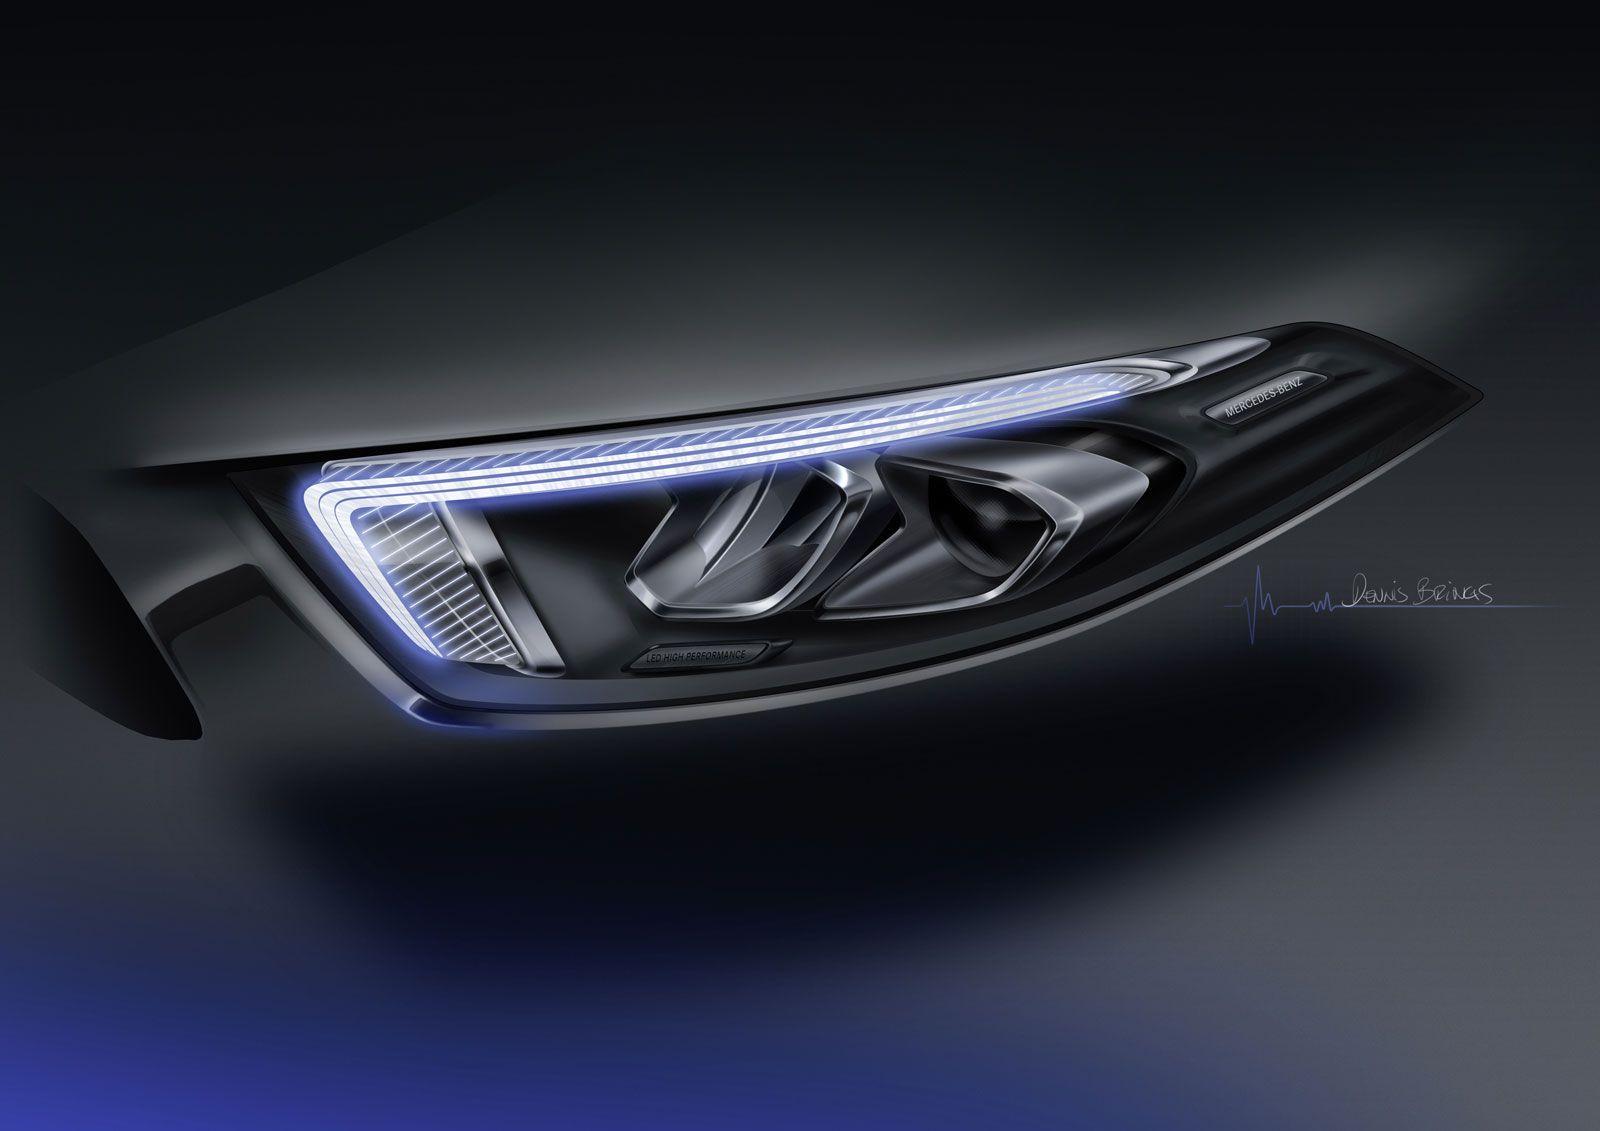 Mercedes Benz New A Class Headlight Design Sketch Render